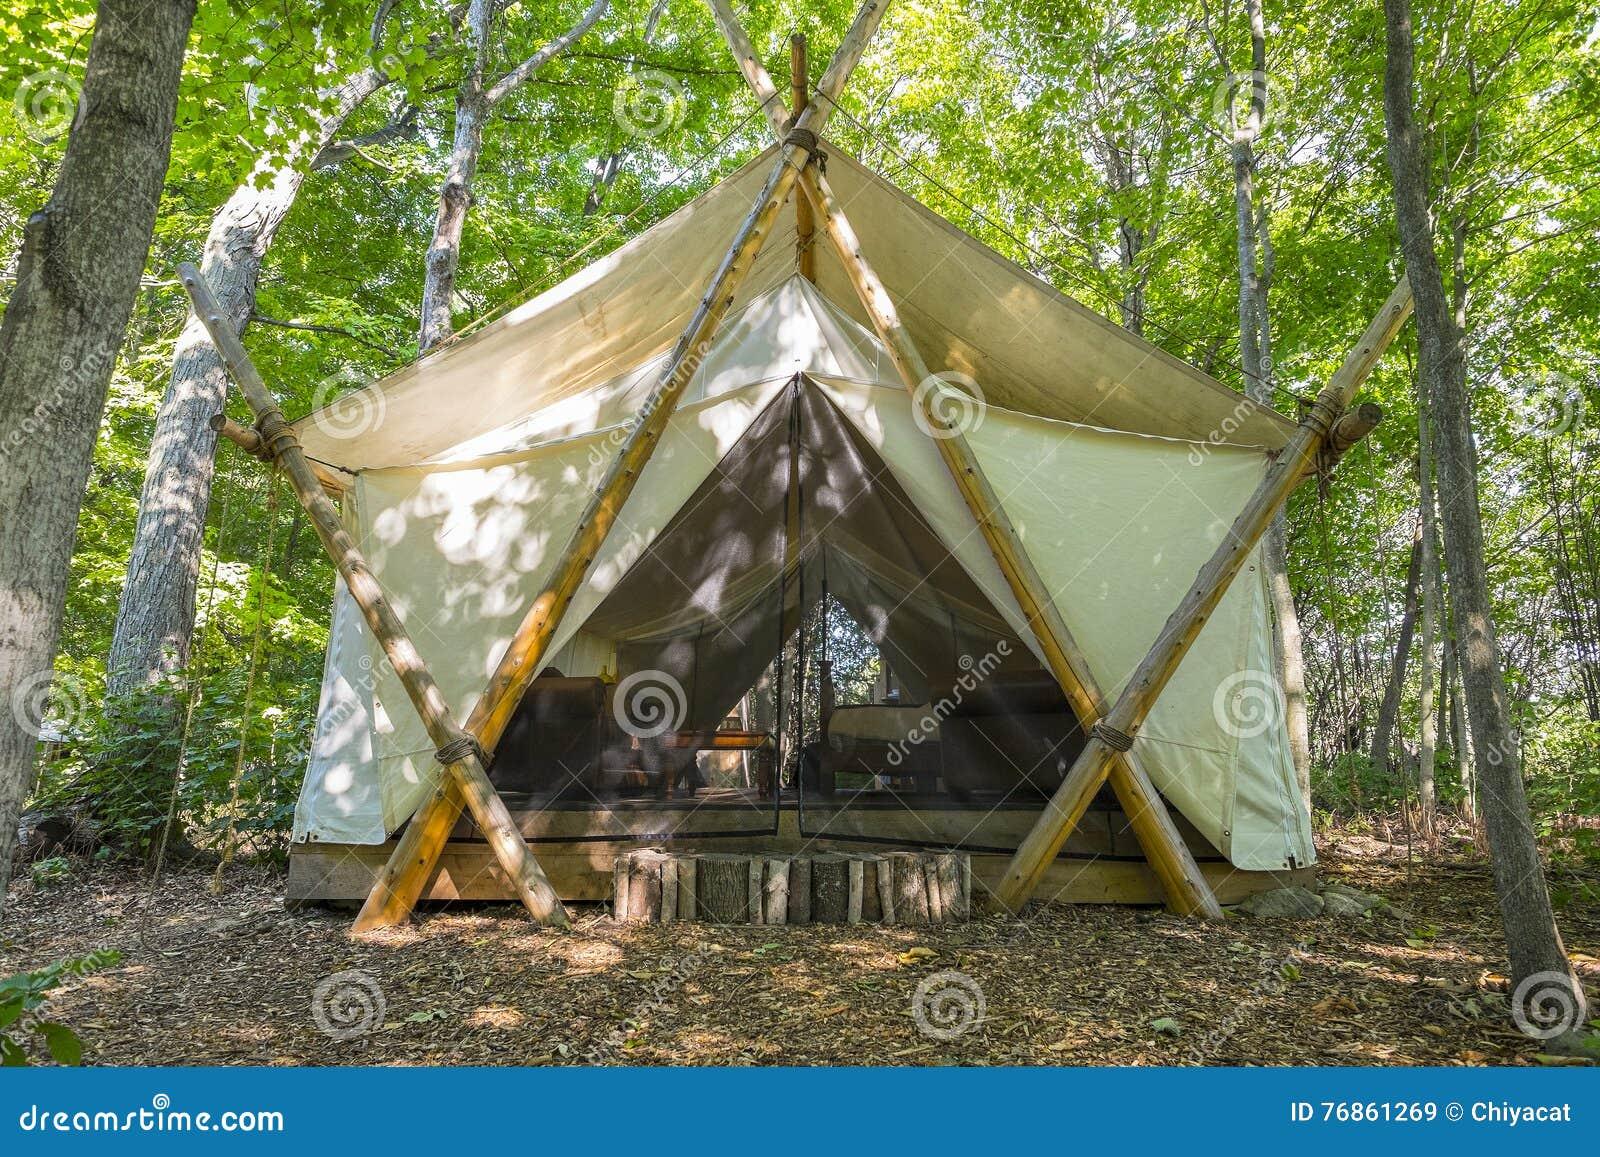 Tenda doccia lusso la scelta giusta variata sul design for Design di bungalow di lusso